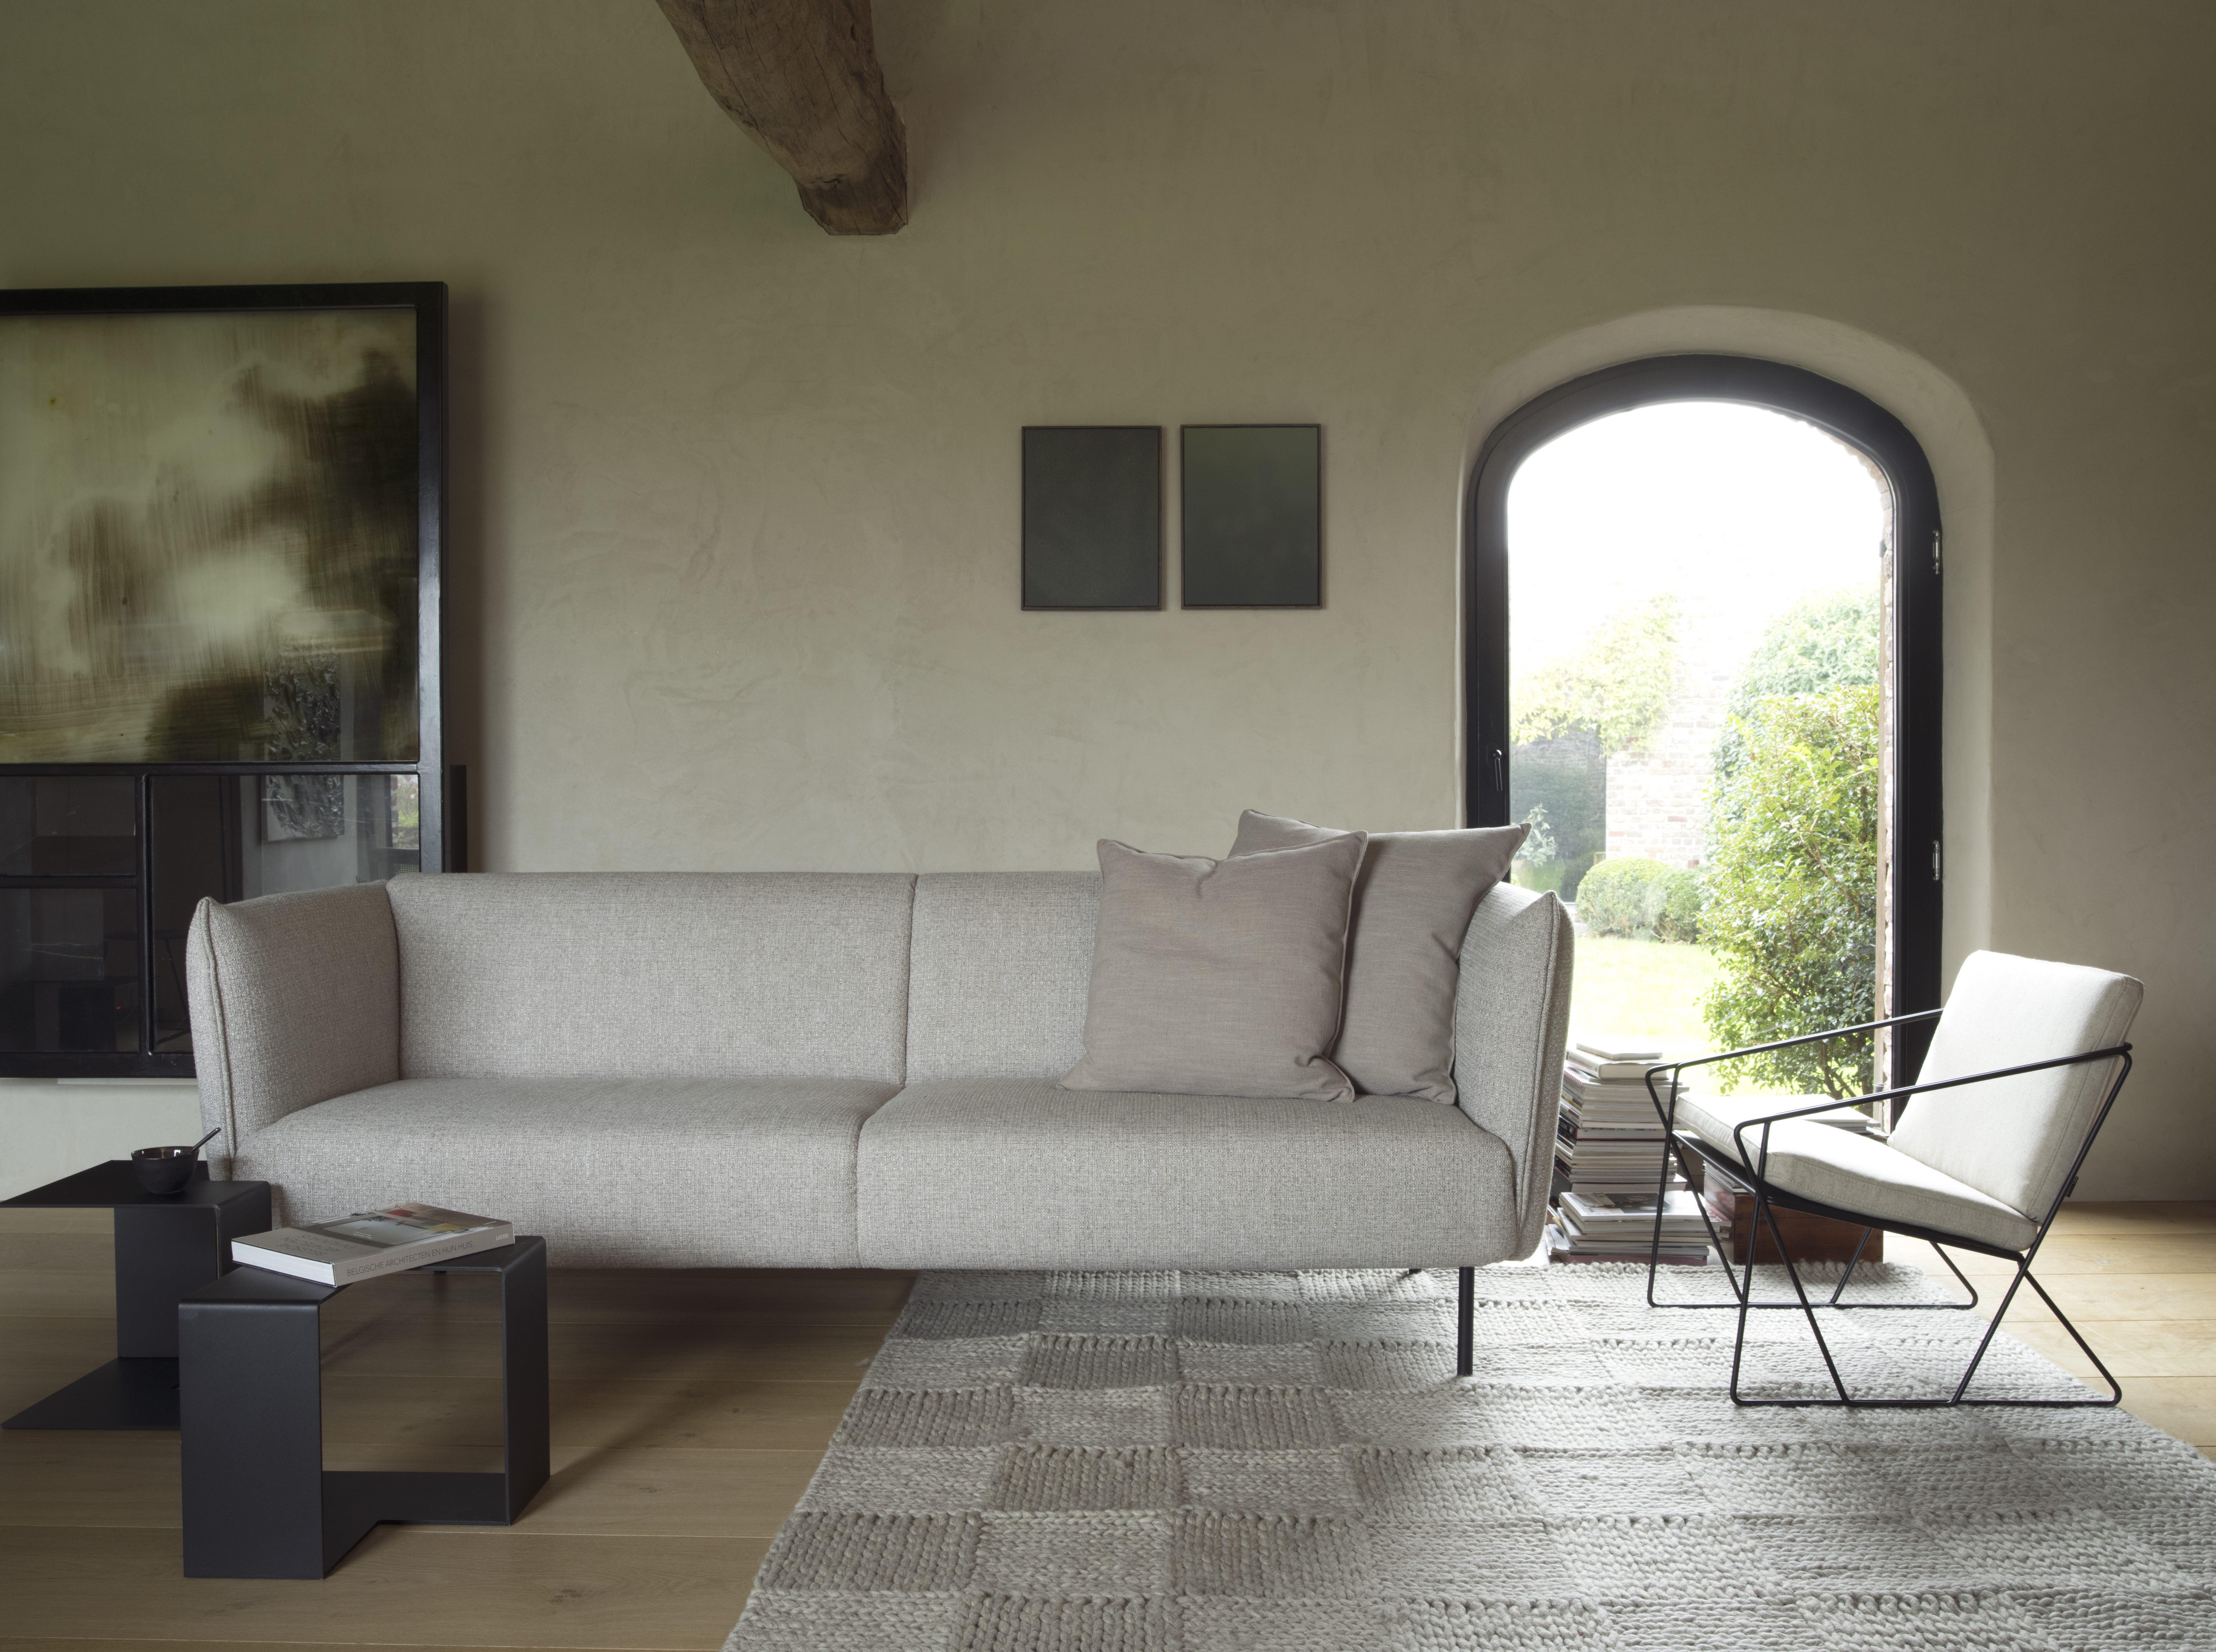 Canapé design et formes épurées - LOU - Kayumanis